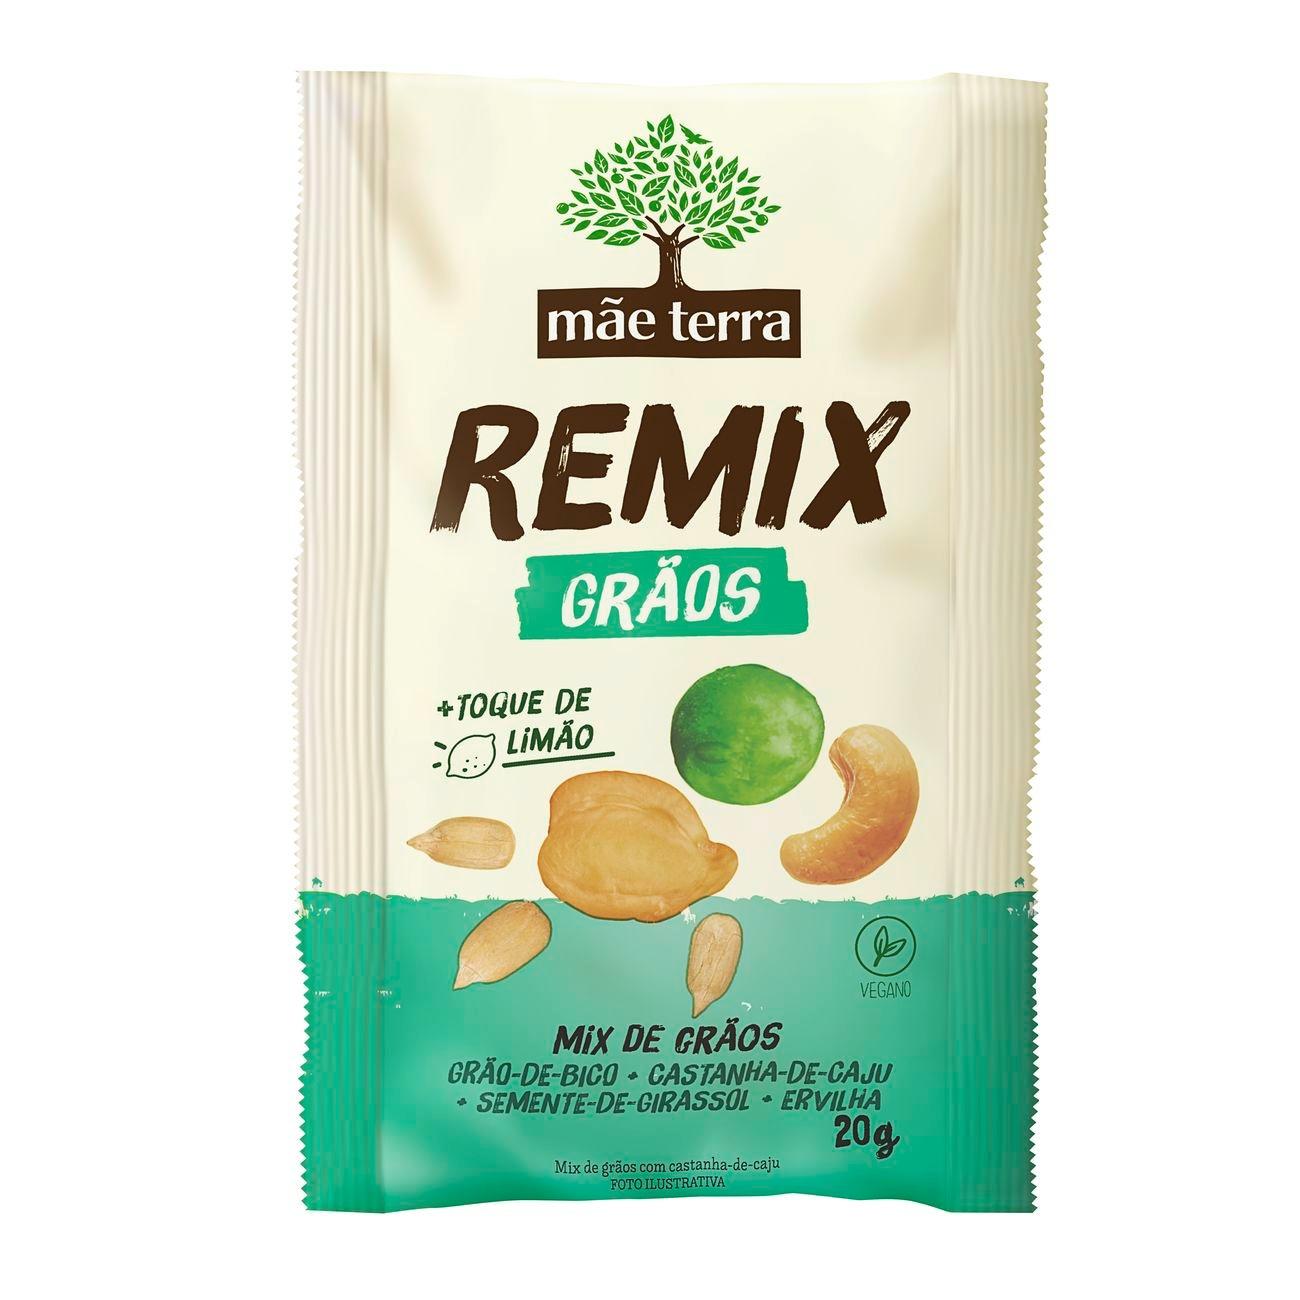 Remix M�e Terra Gr�o de Bico + Ervilha